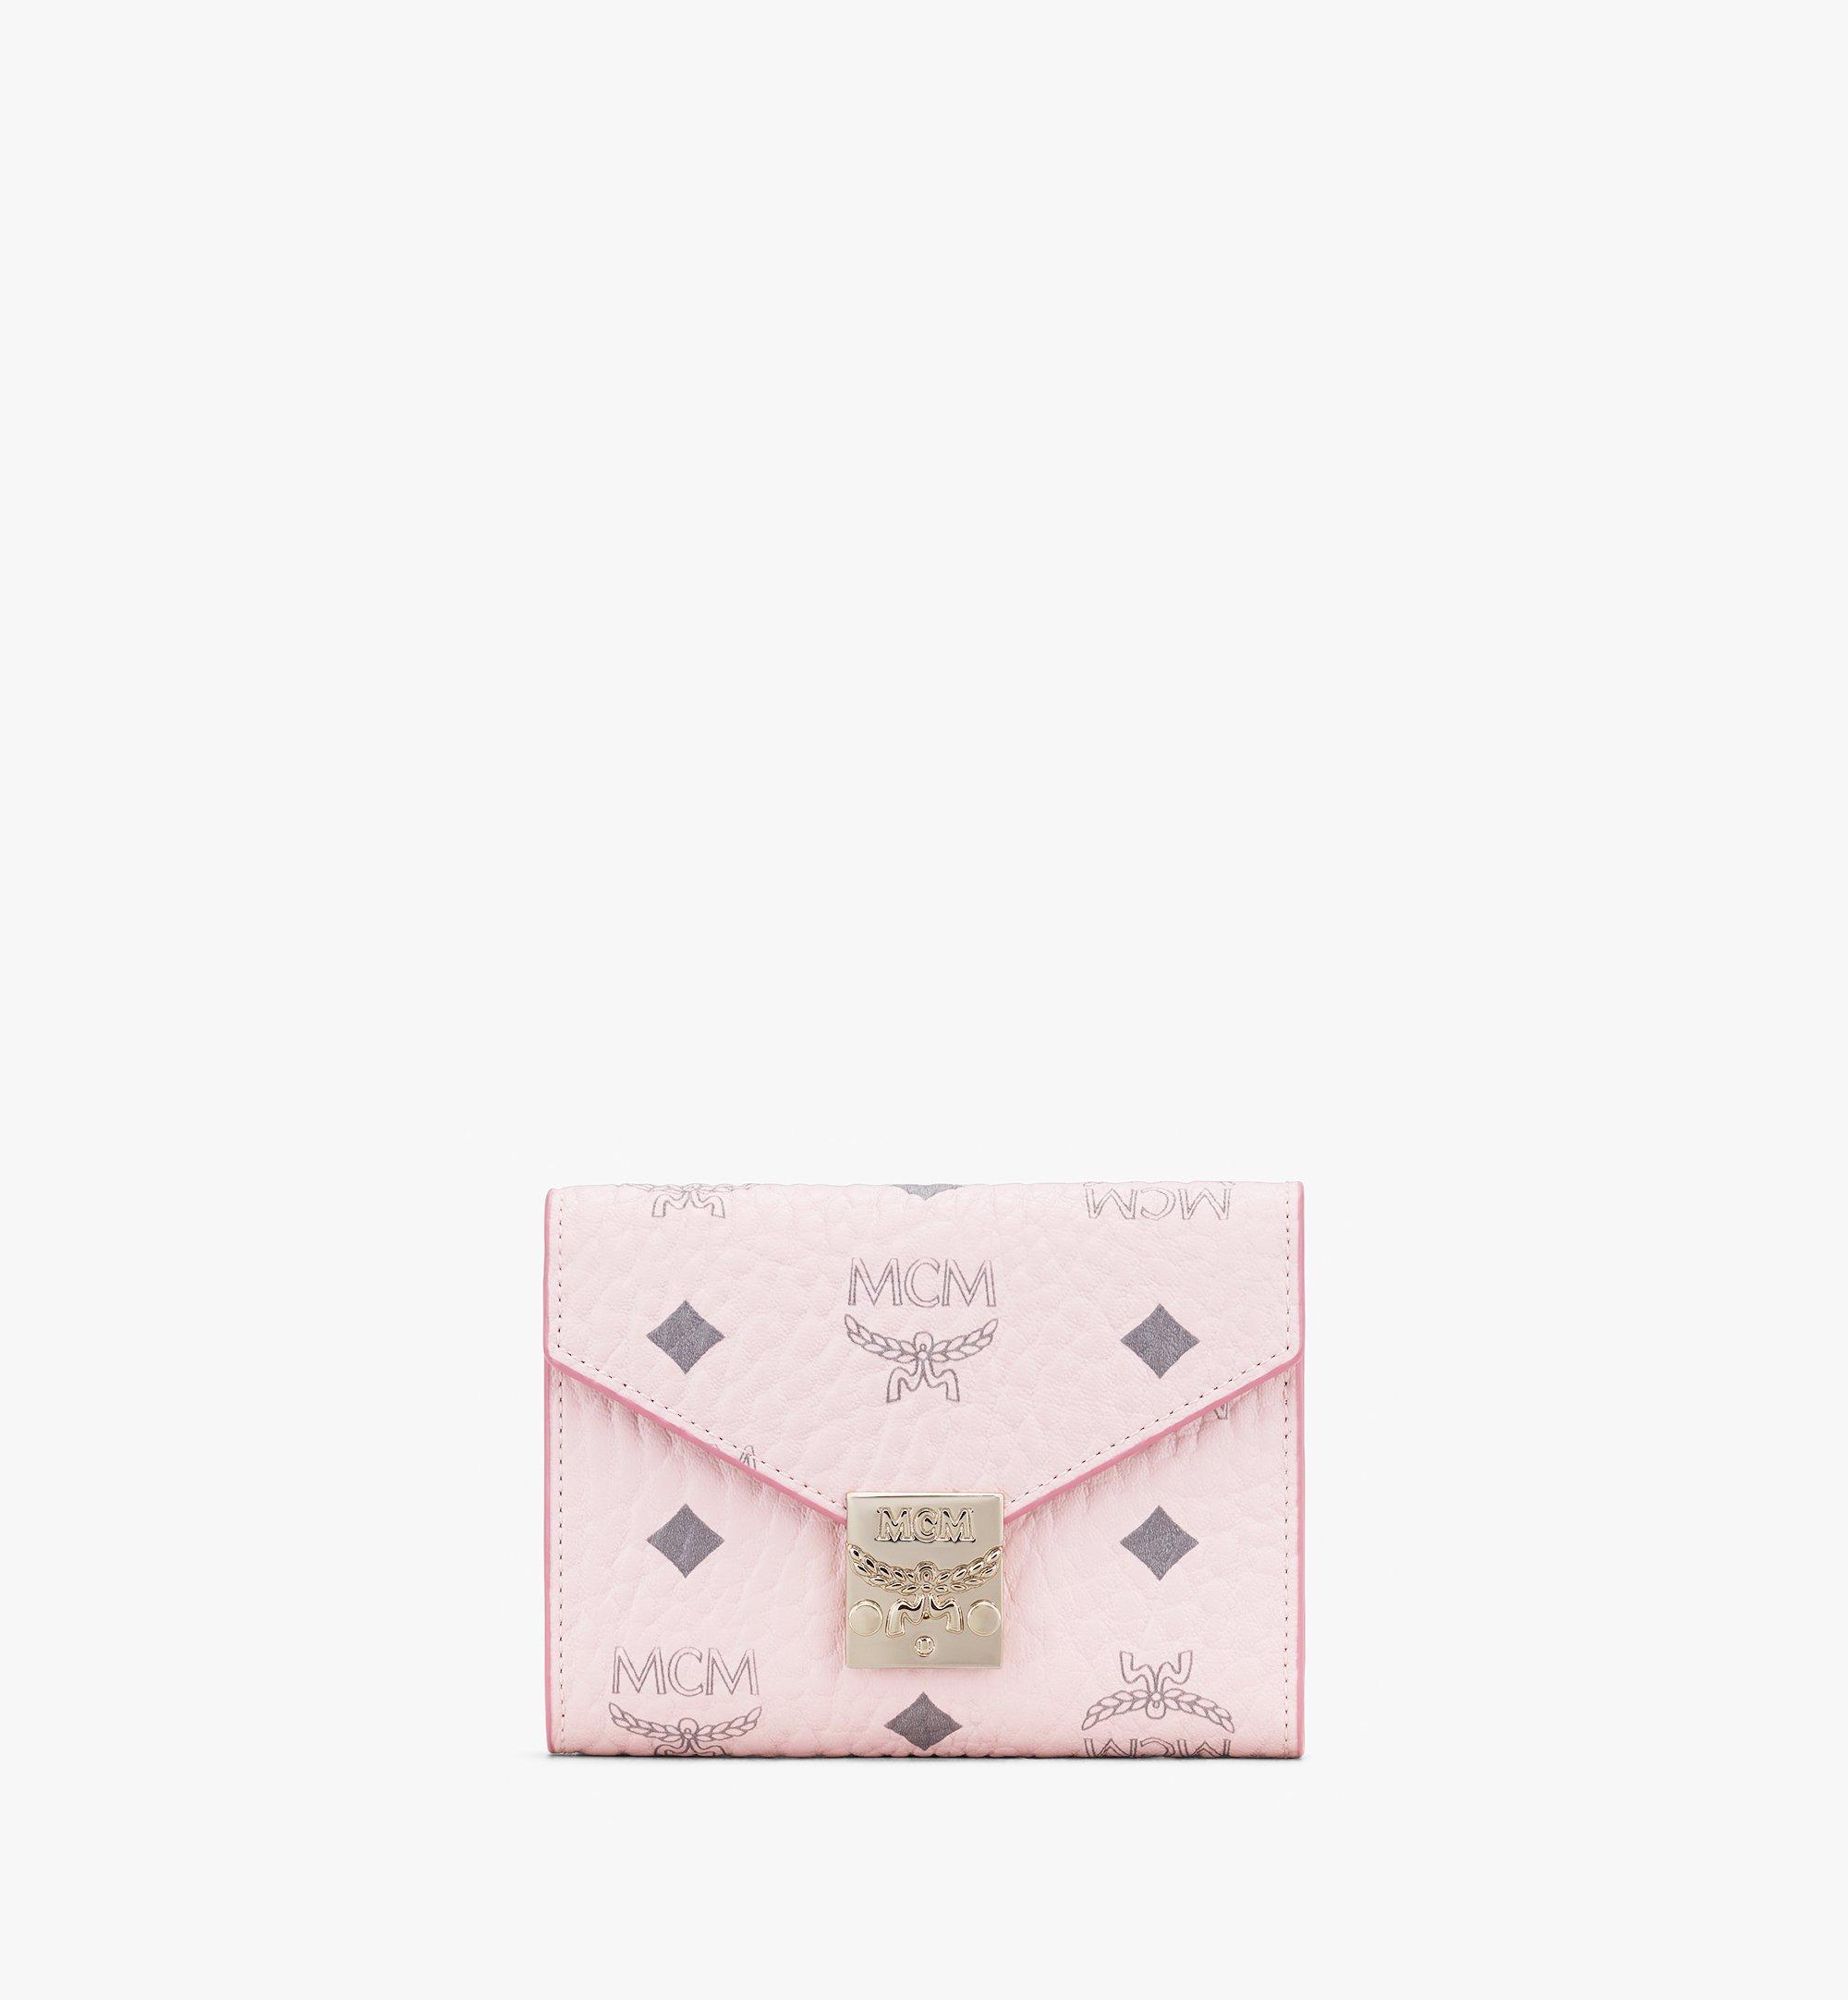 MCM Patricia Trifold Wallet in Visetos Pink MYS9APA13QH001 Alternate View 1